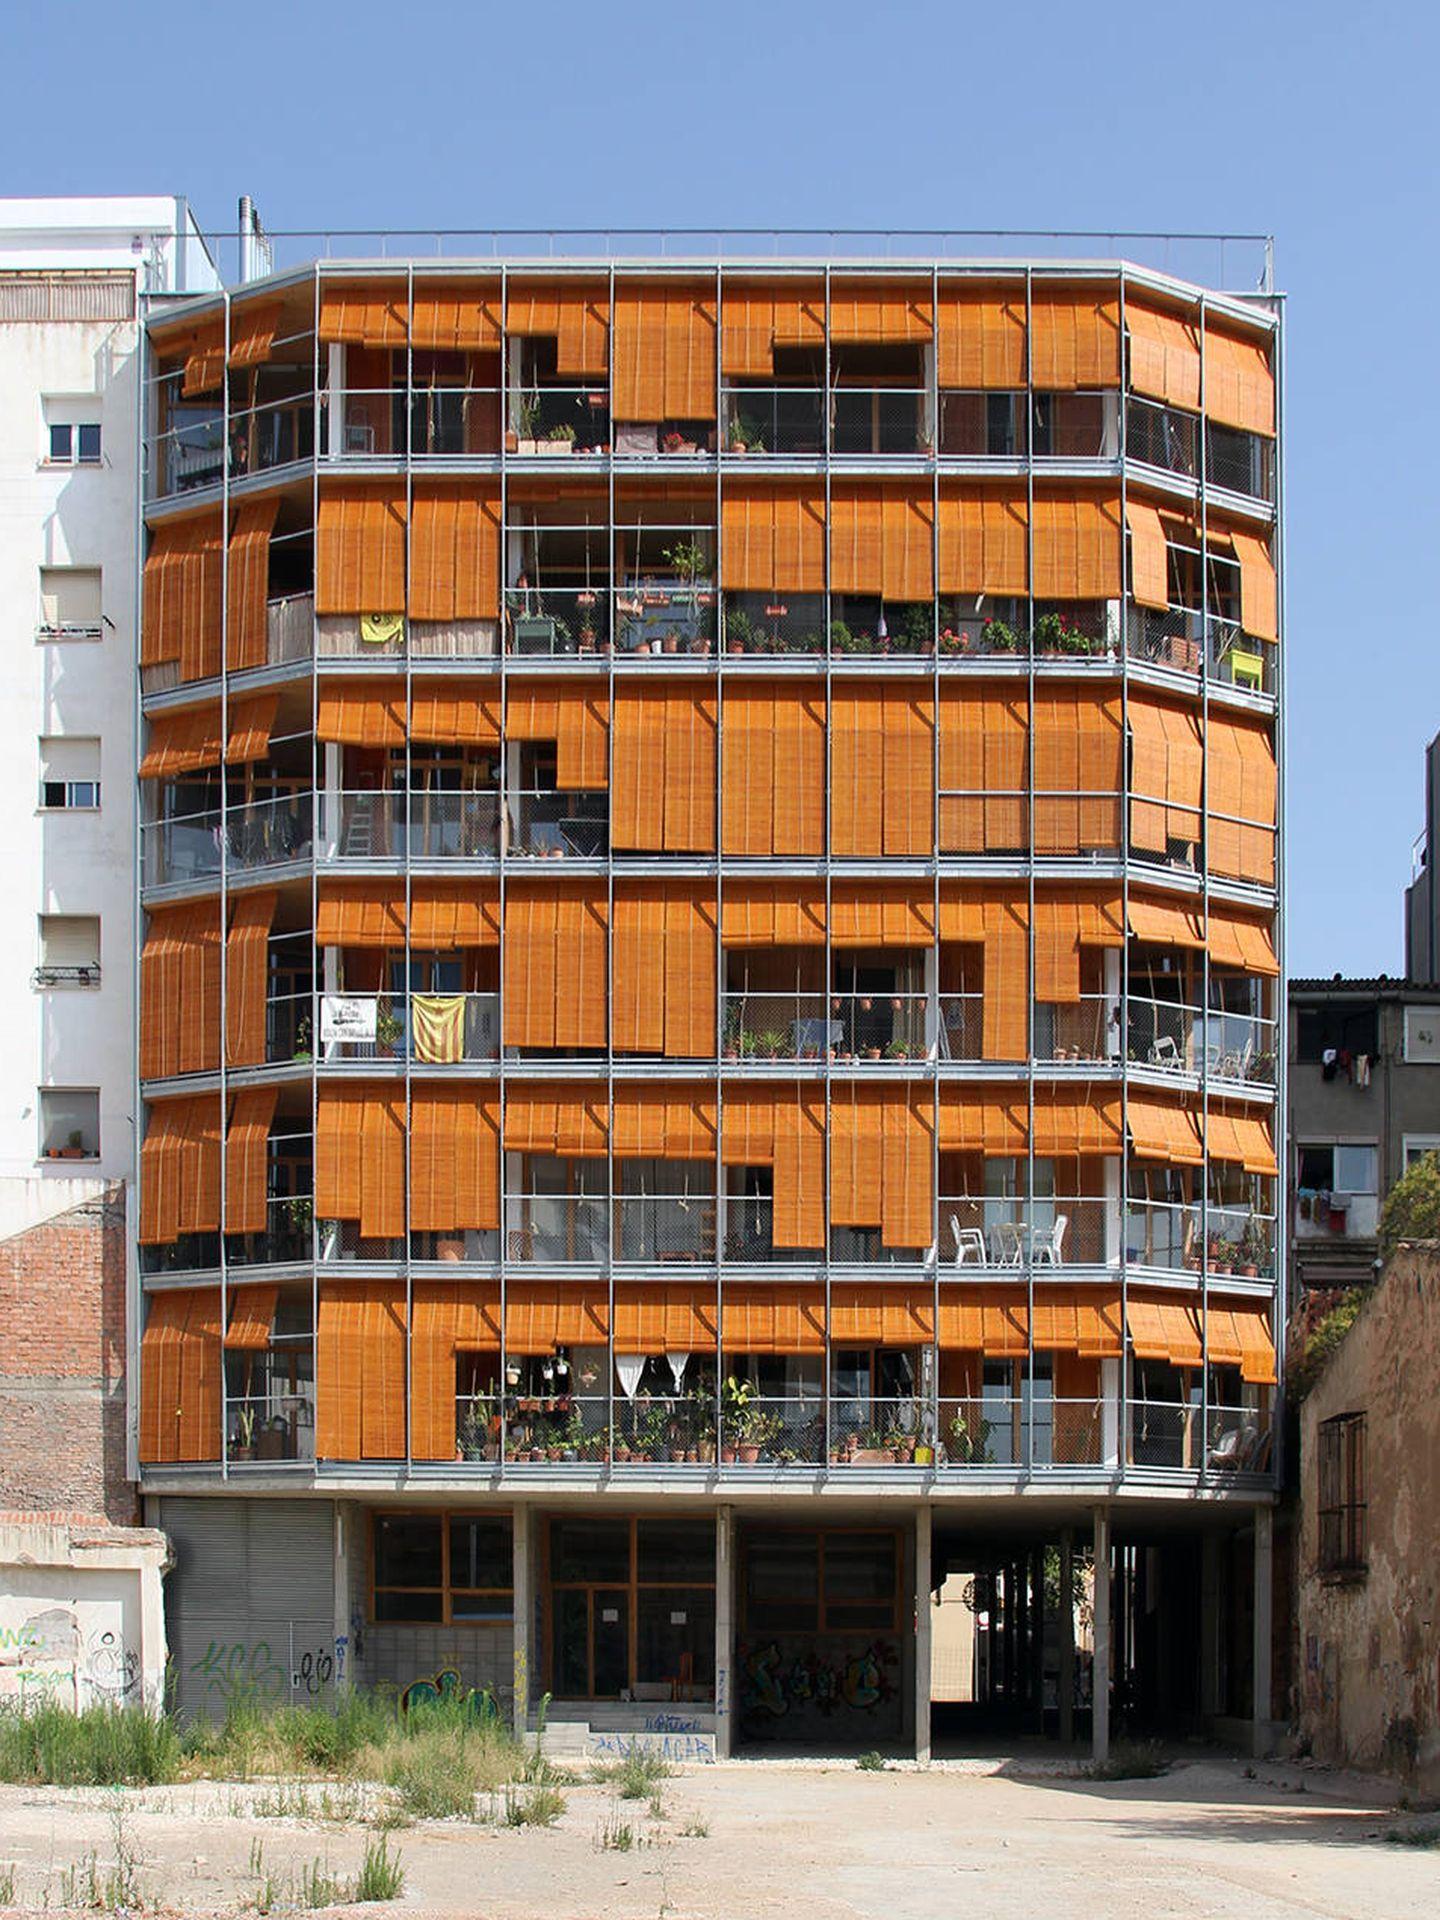 El edificio La Borda, en Can Batllò, Barcelona. (Lacol)